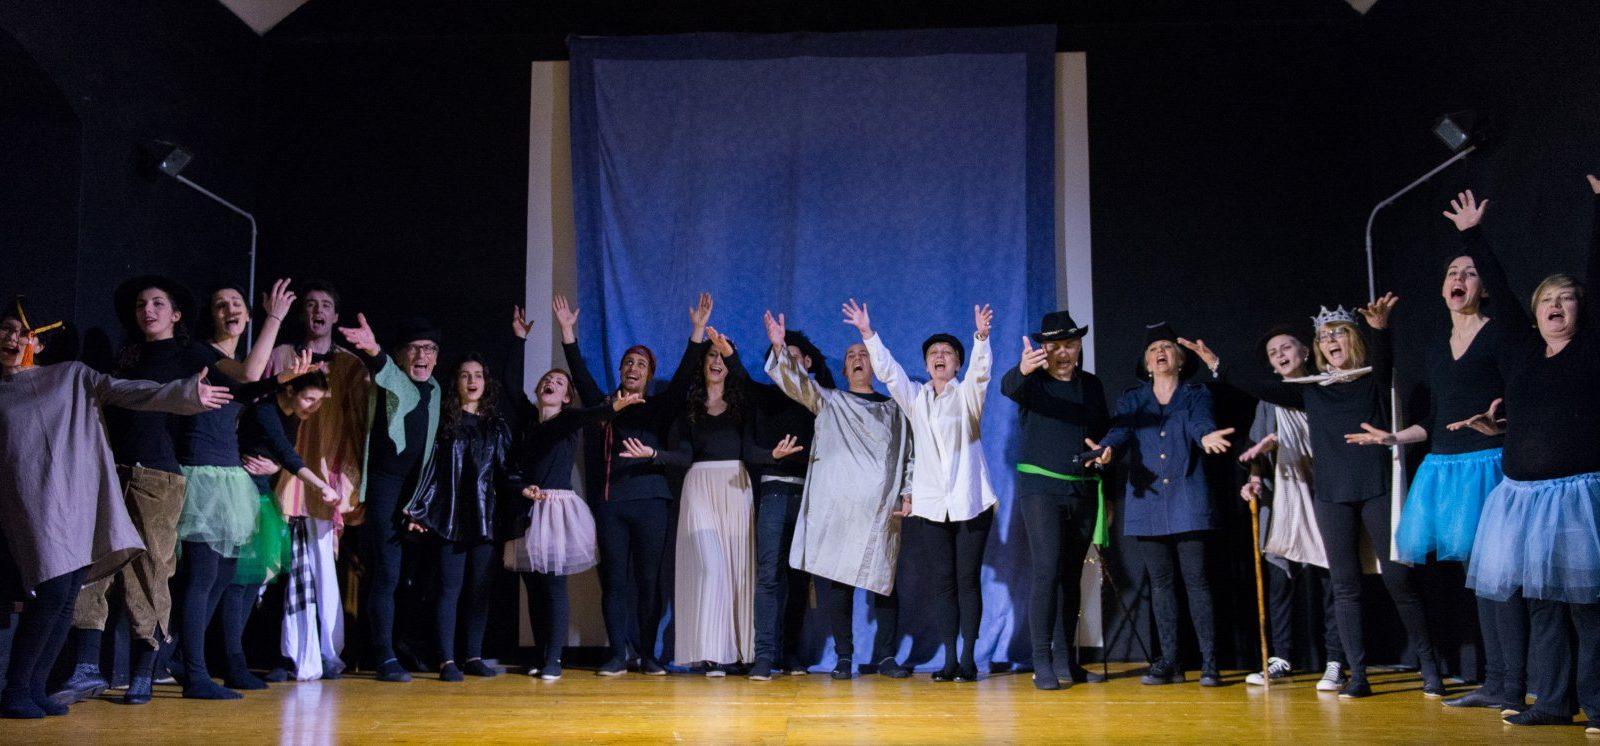 Le Acque compagnia teatrale - terzo anno